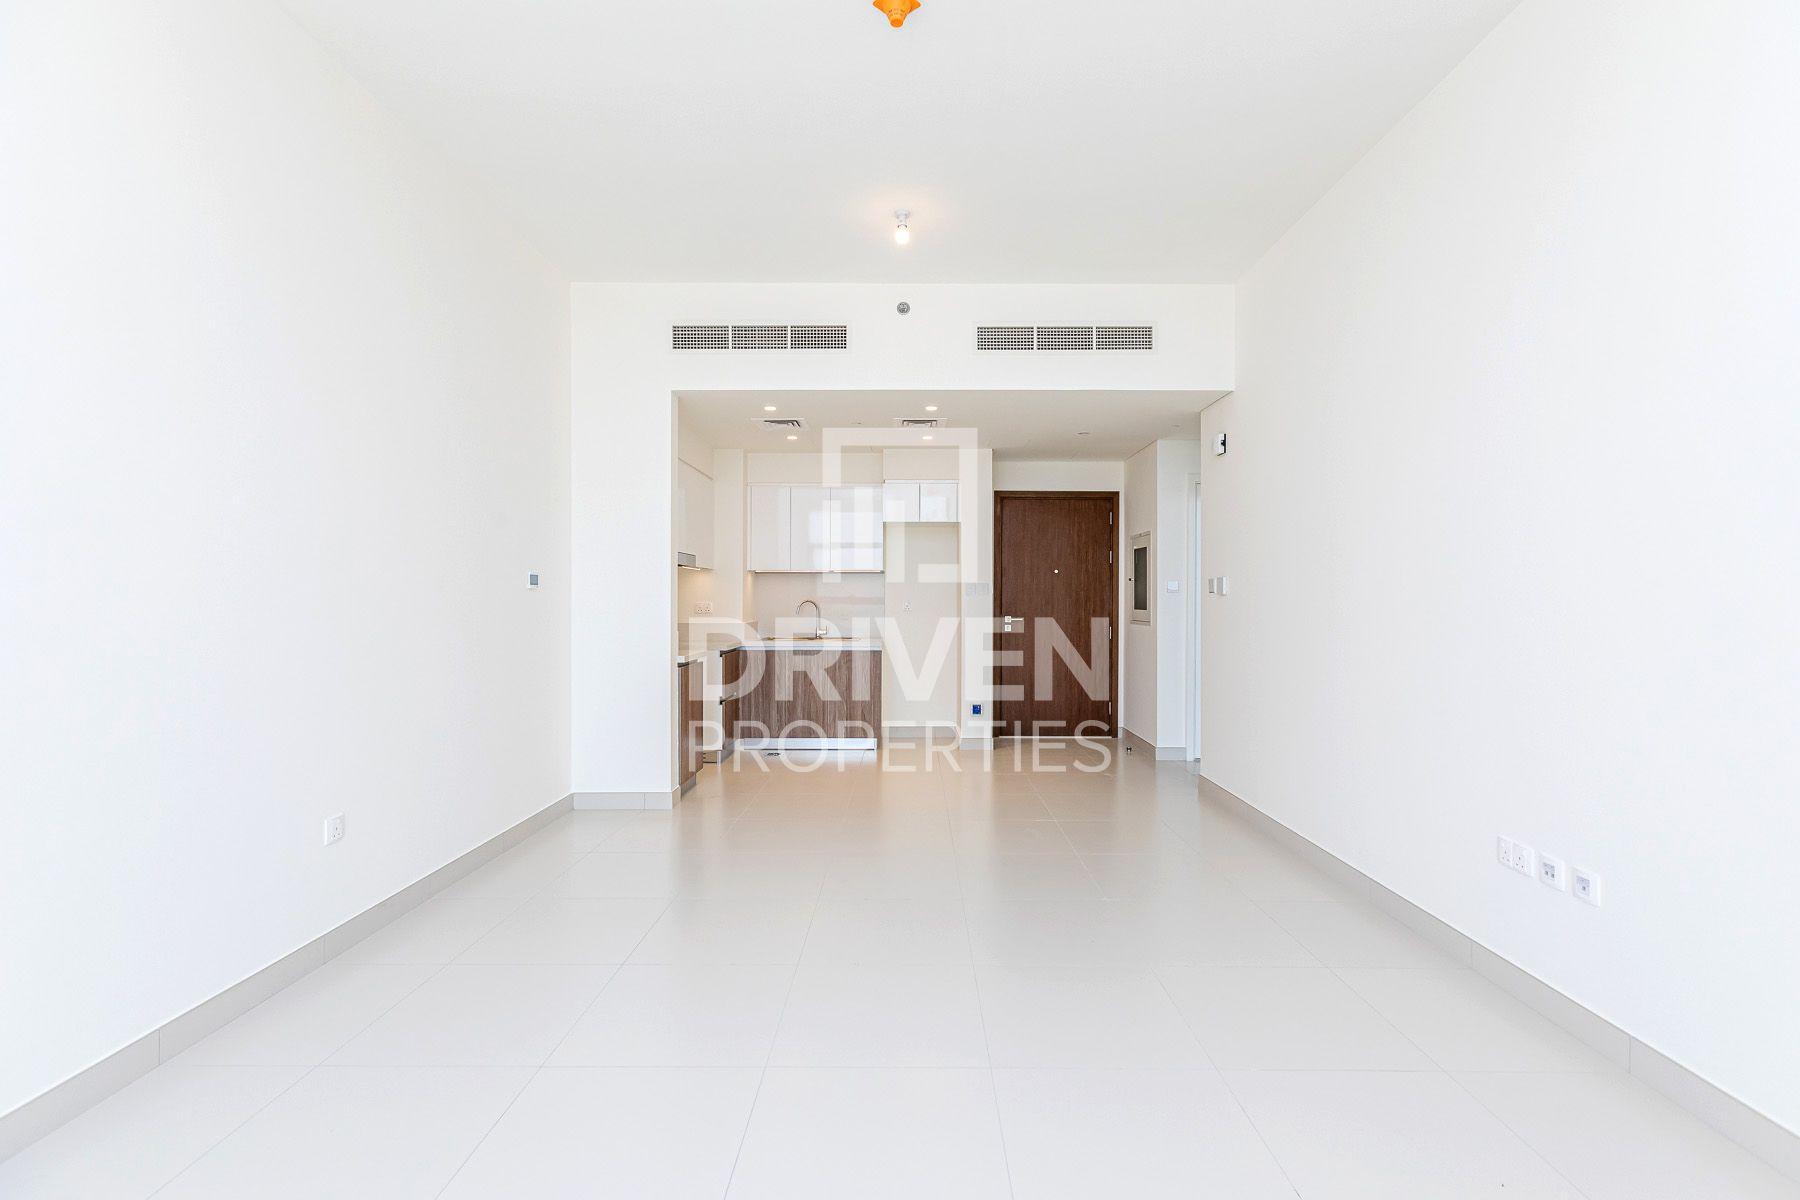 736 قدم مربع  شقة - للايجار - دبي هيلز استيت